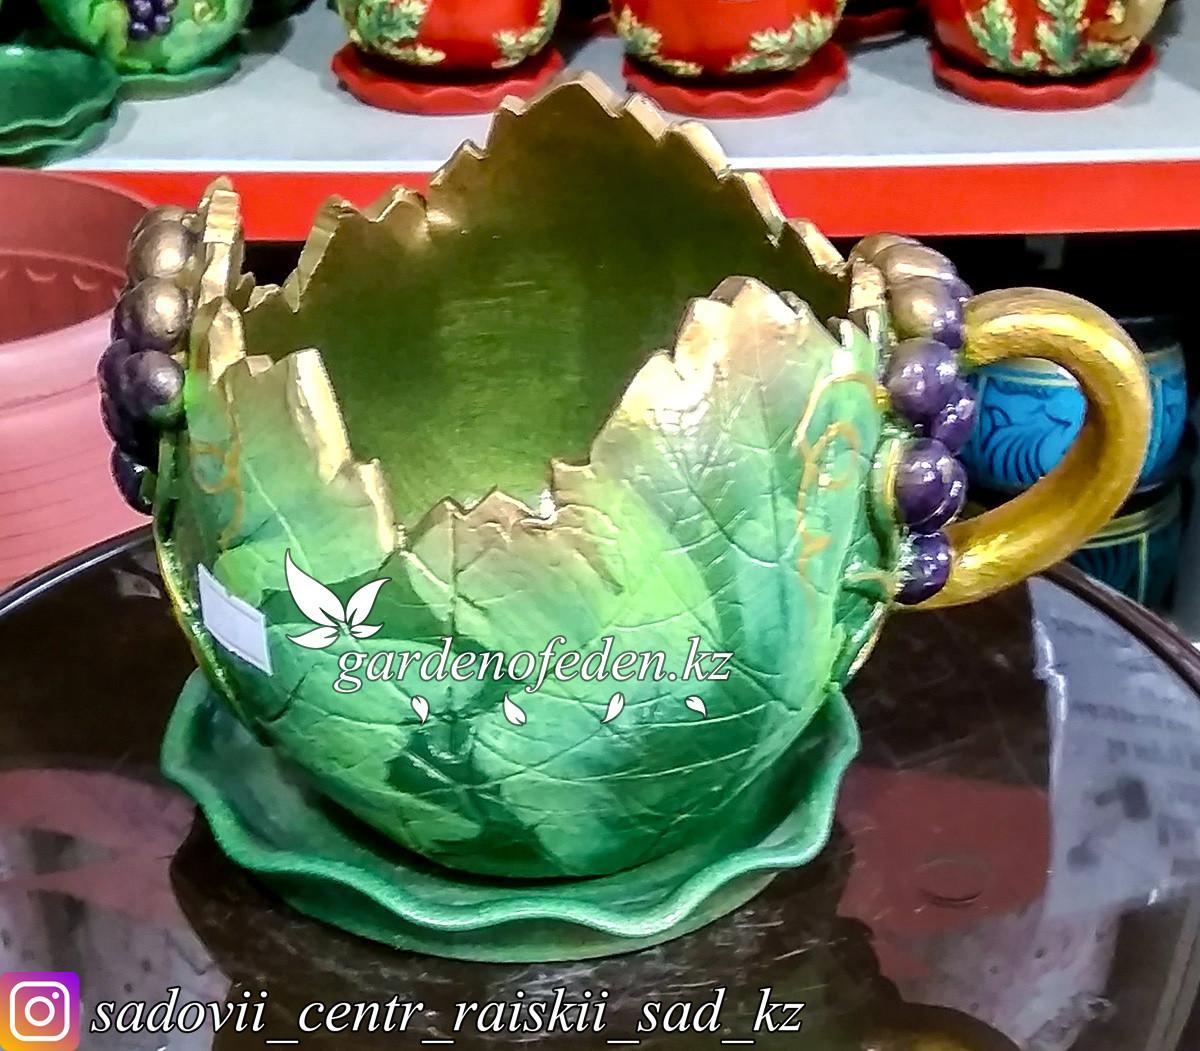 Горшок керамический, декоративный (чашка). Объем: 0.5л. Цвет: Зеленый с золотом, узор-виноград.